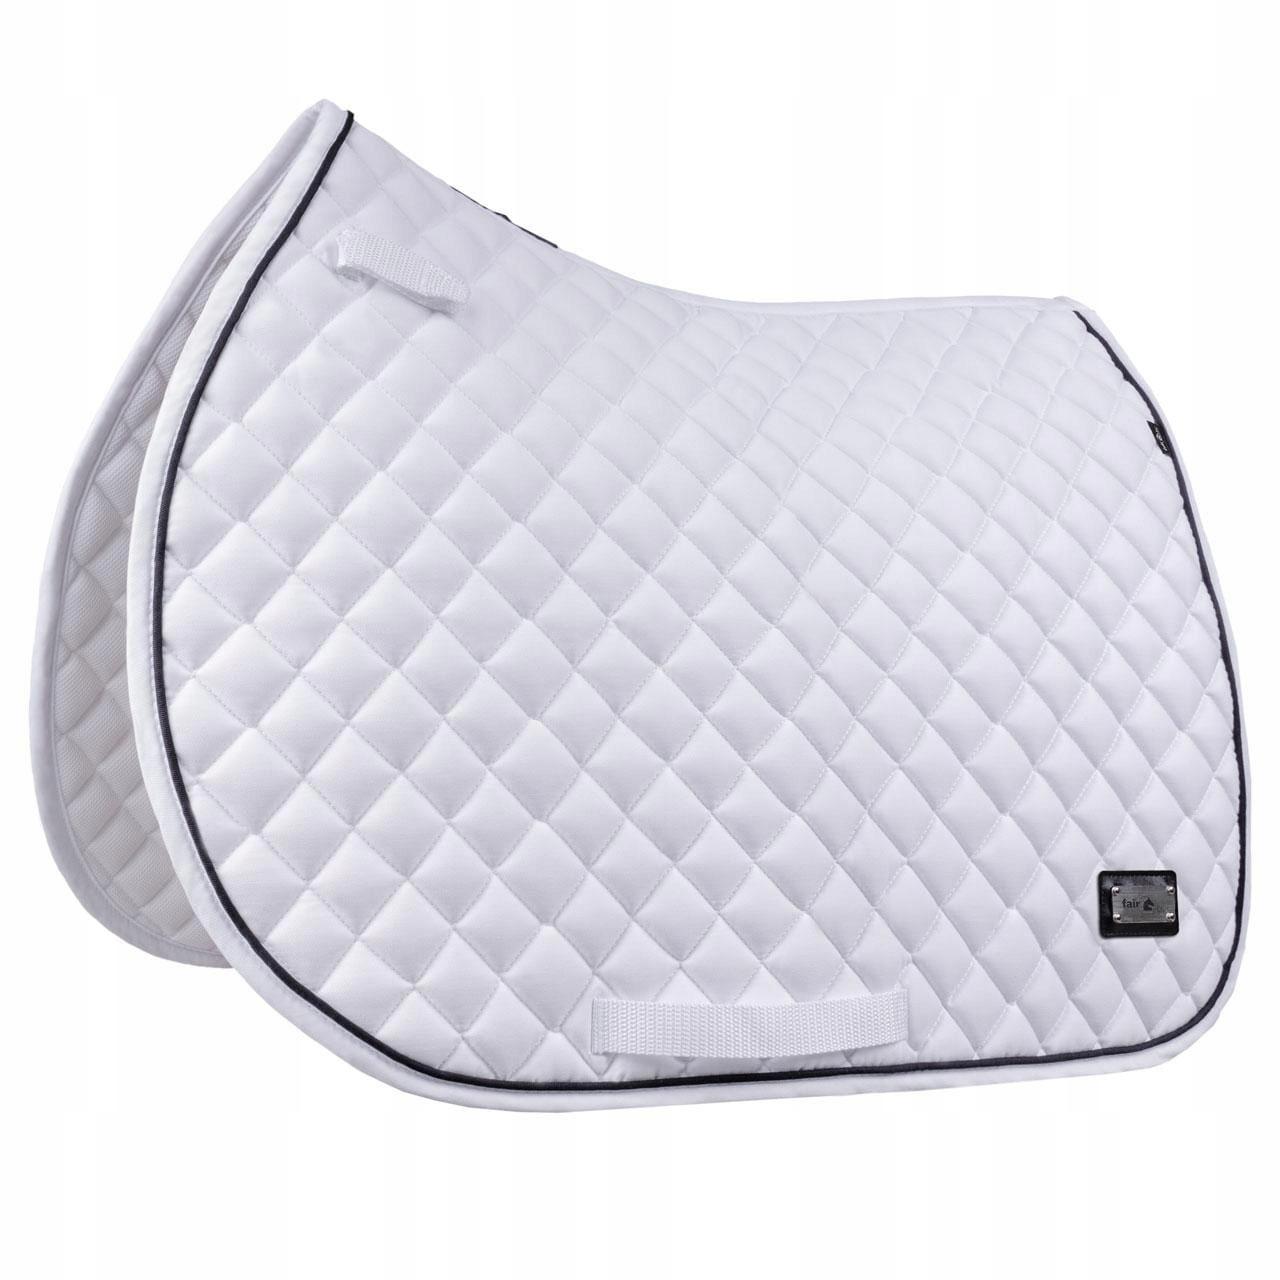 FAIR PLAY Ткань для седла AMBER 2.0 White VS Pony